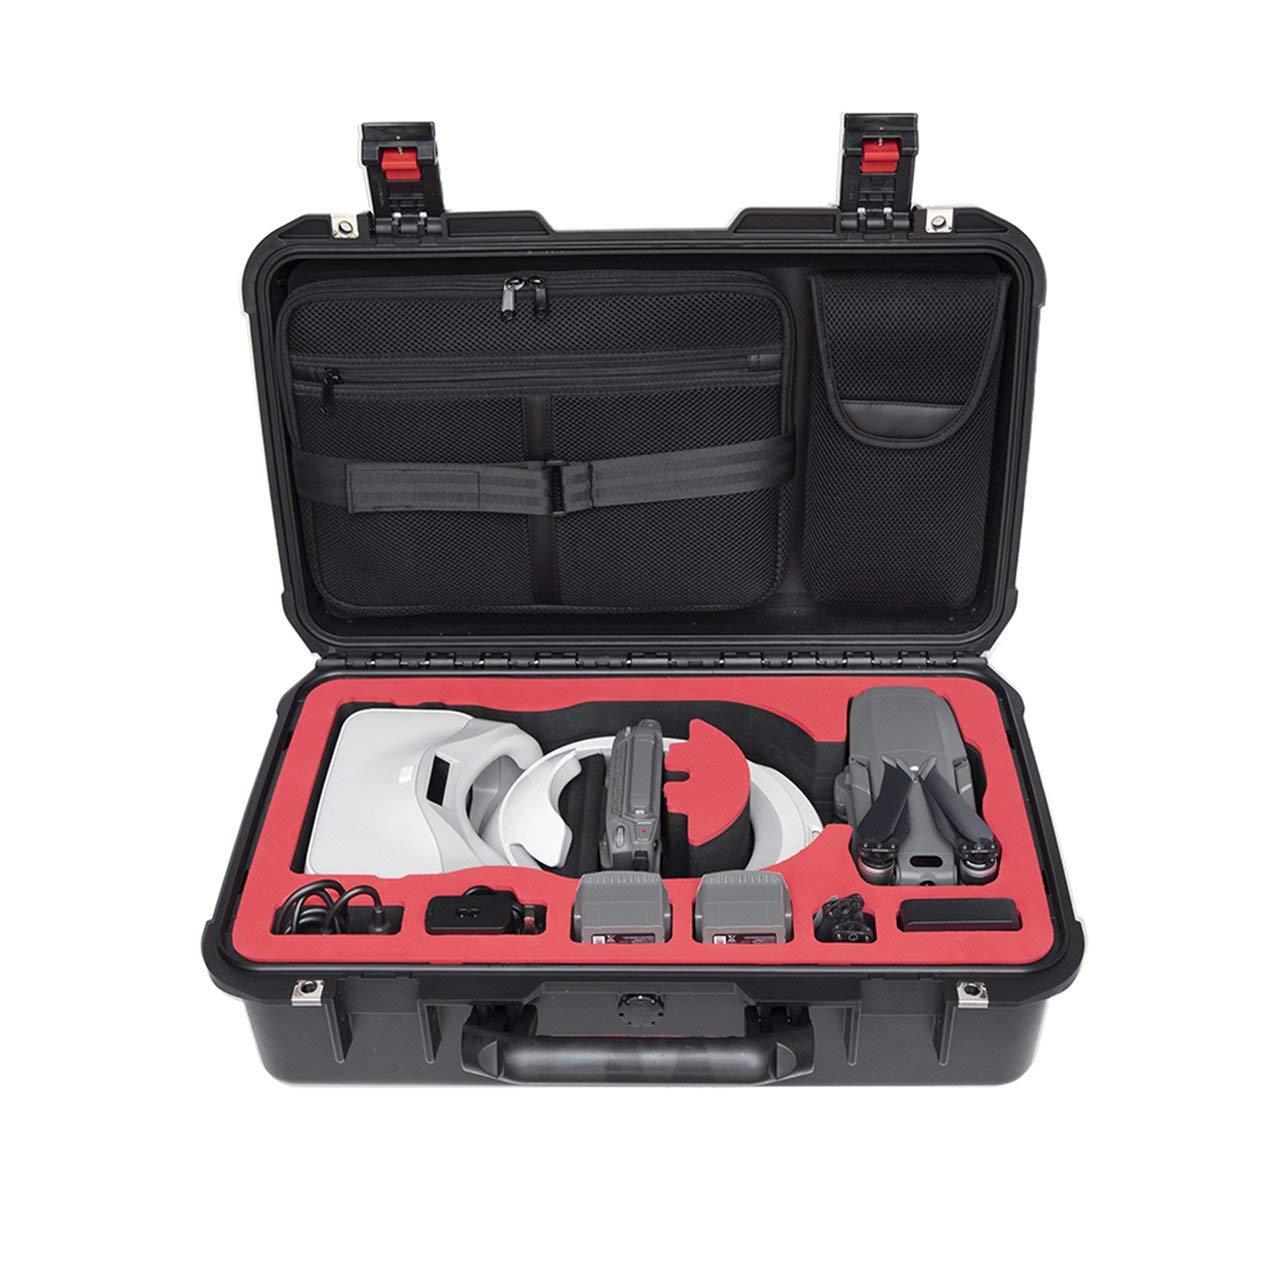 Jasnyfall PGYTECH Mavic 2 Pro/Zoom/Goggles Case Wasserdichte Aufbewahrungsbox für DJI Mavic 2 Schwarz